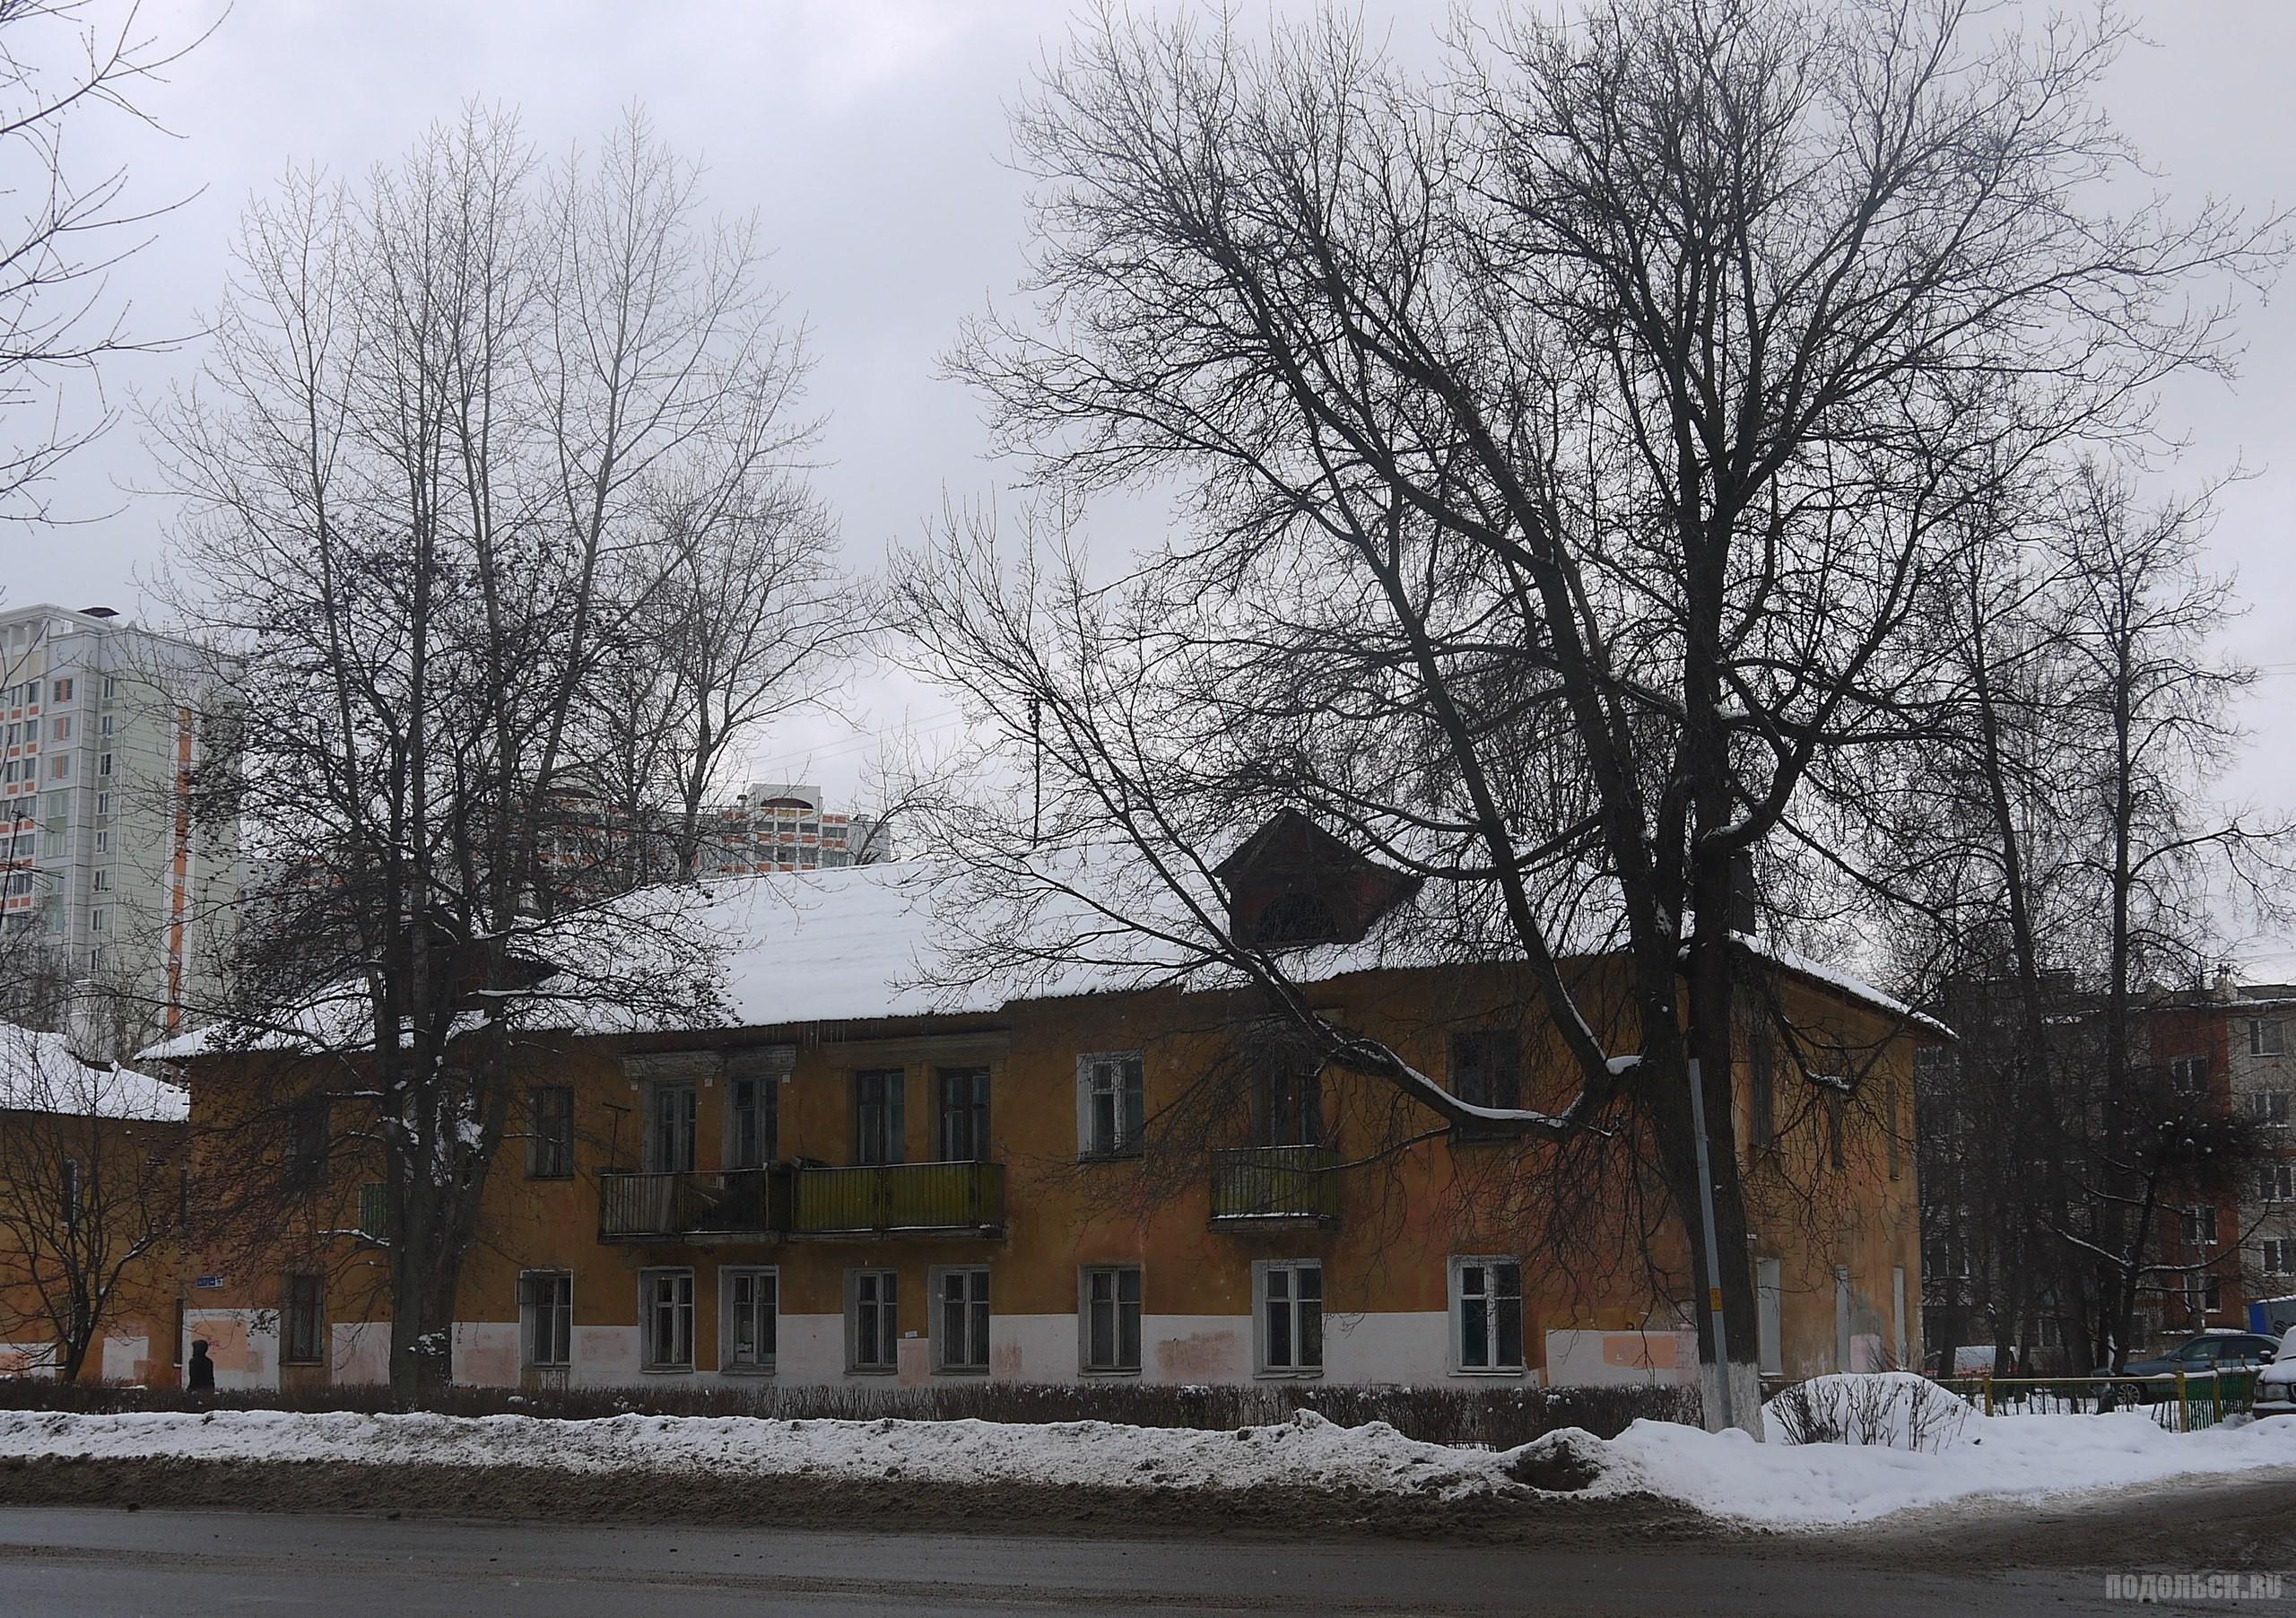 Дом под снос на улице Правды. Февраль 2015 г.